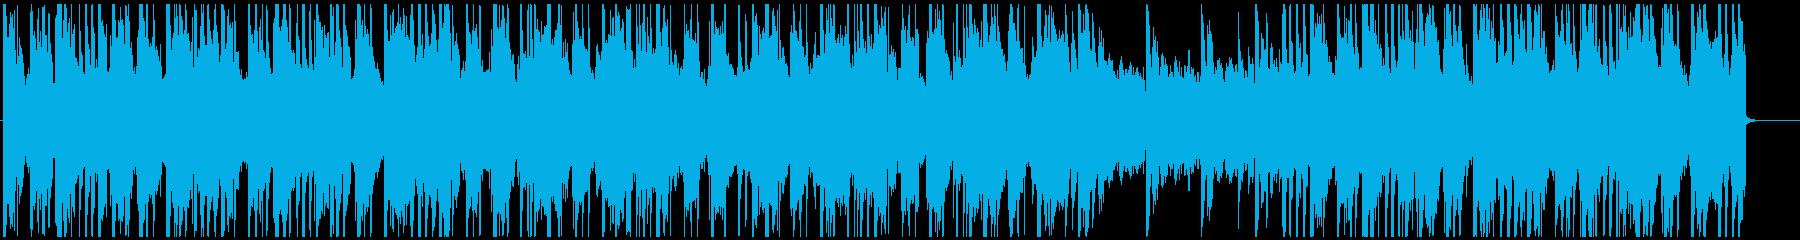 チルアウト ジャジーな渋めHIPHOPの再生済みの波形